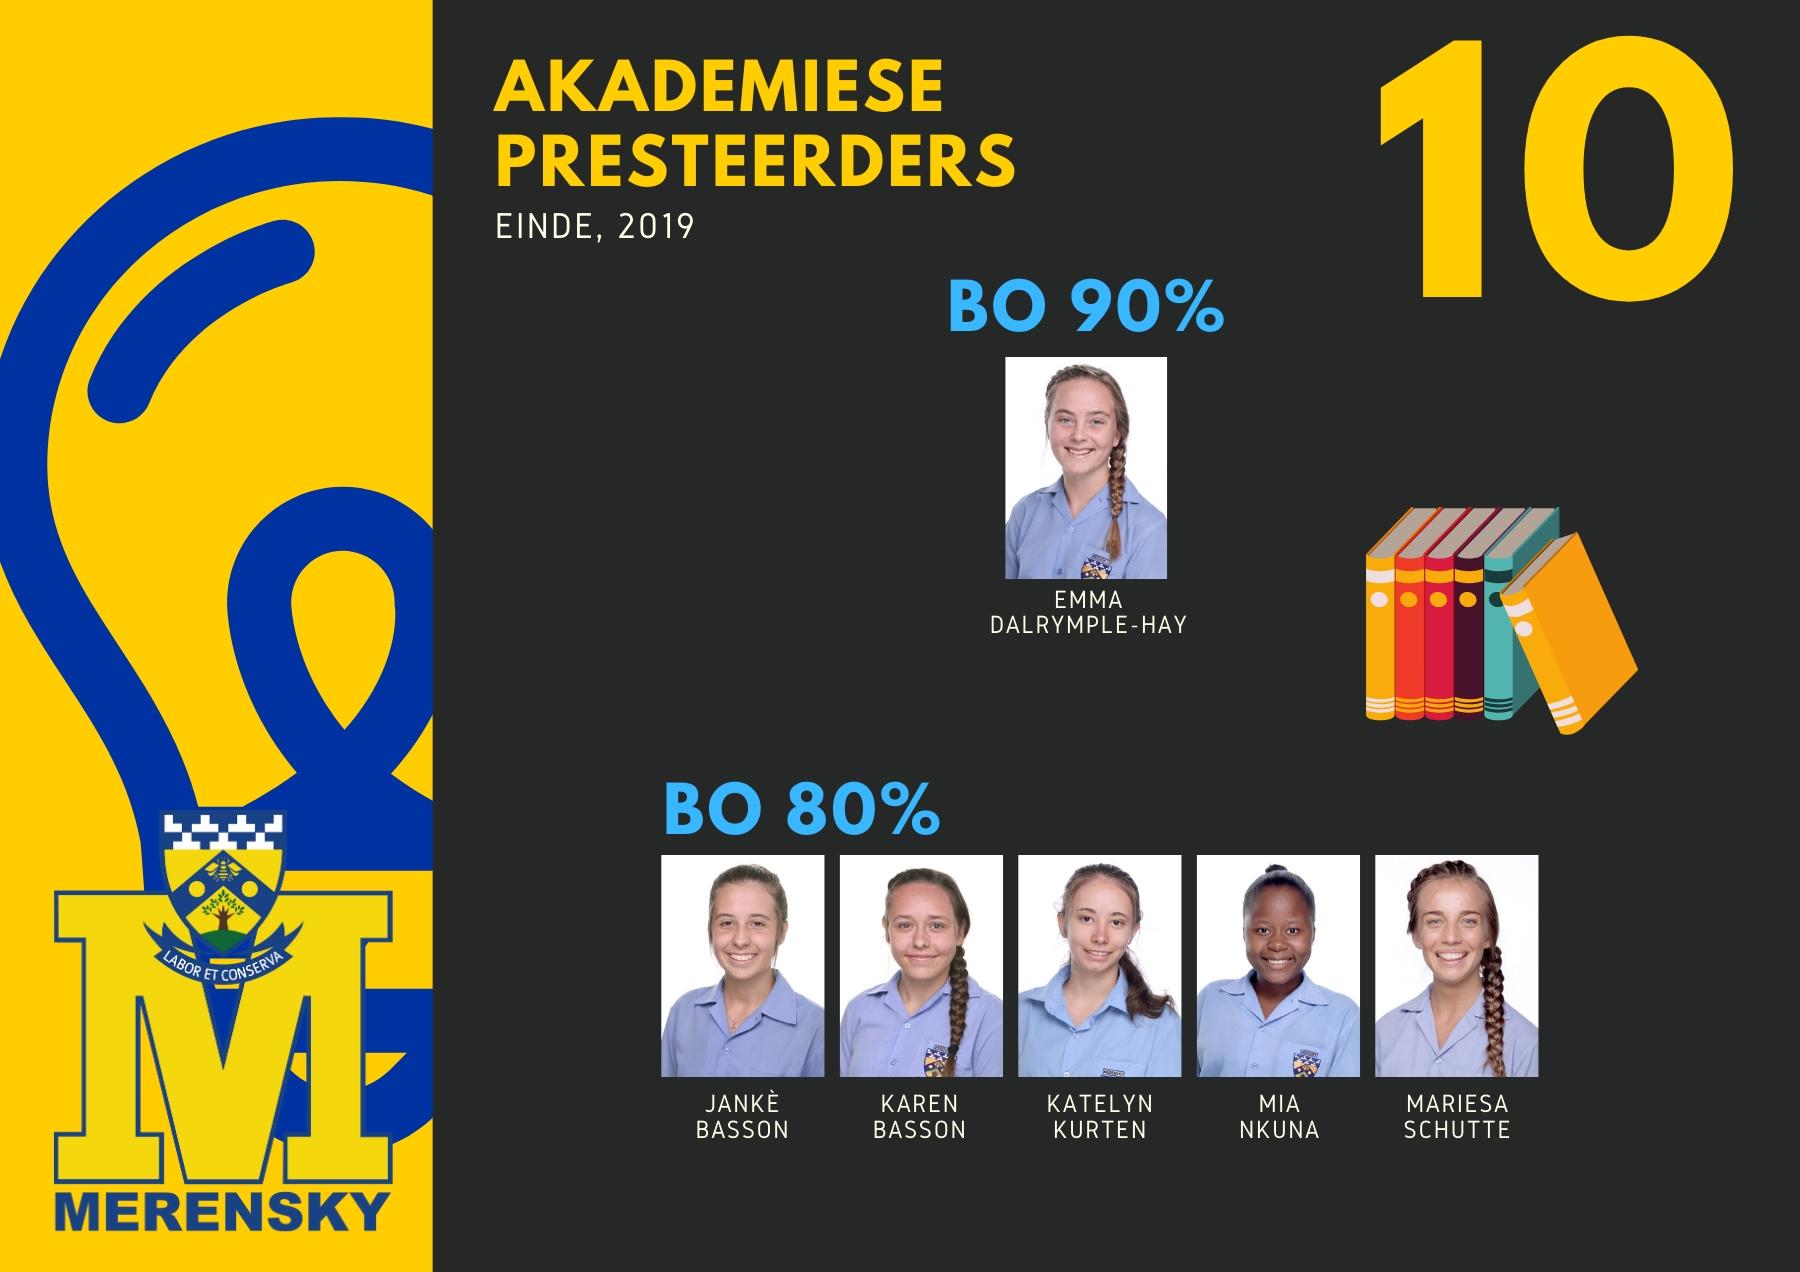 Gr 10 Akademiese Presteerders